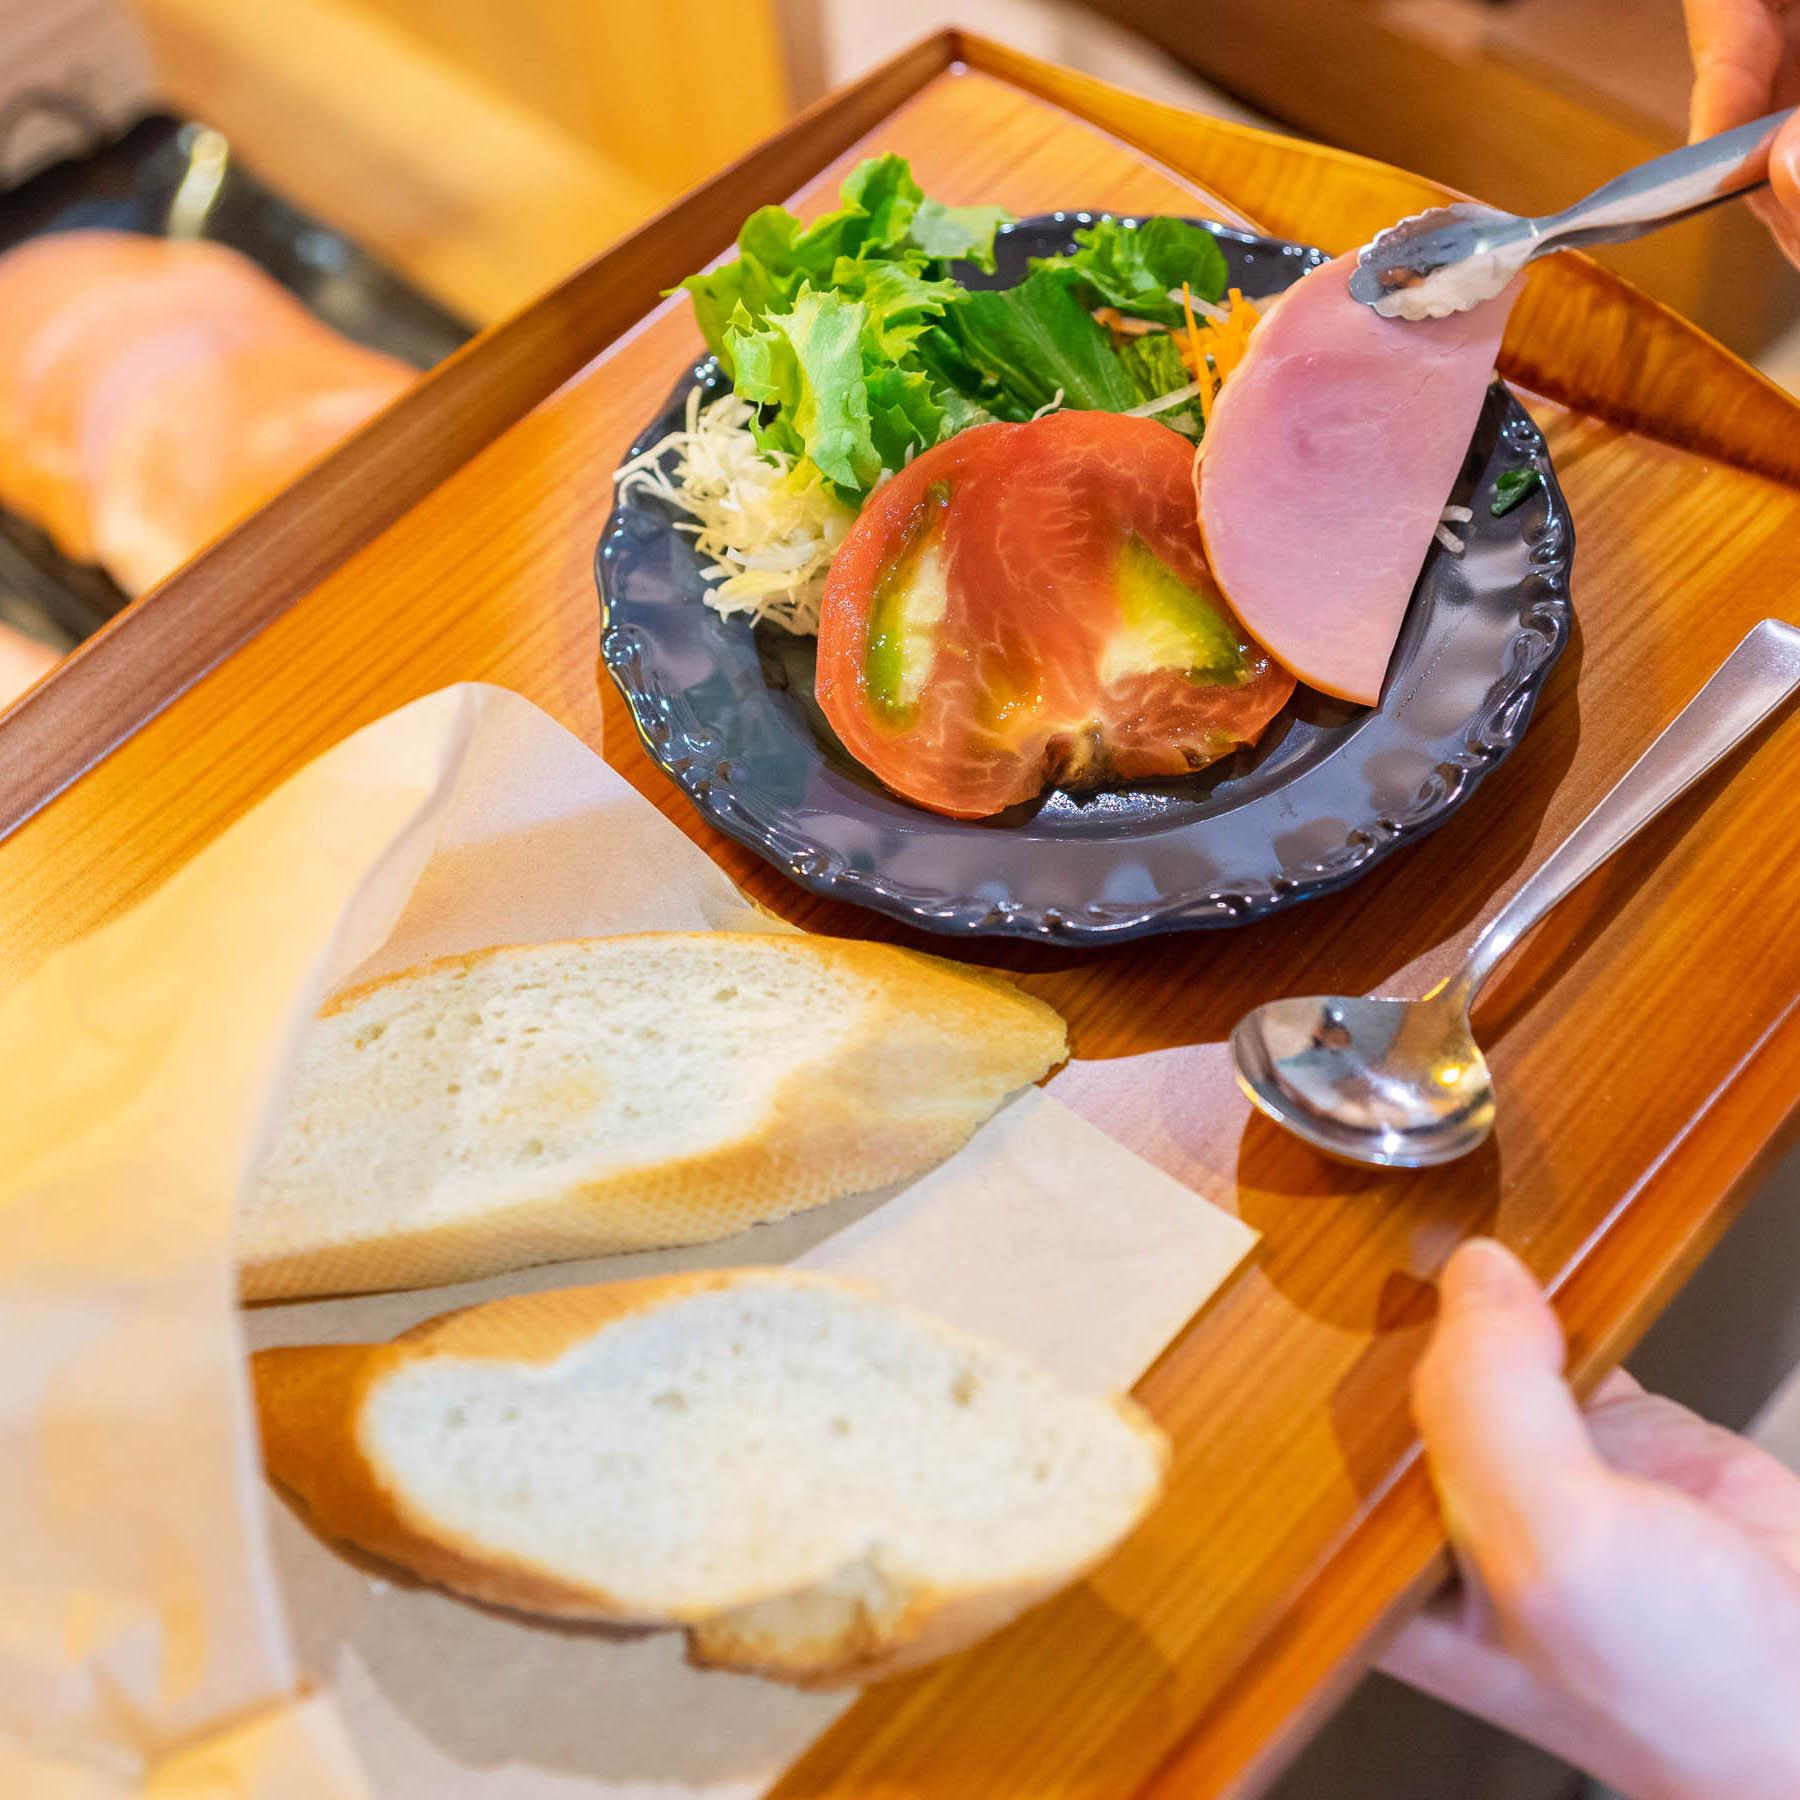 コンチネンタルブレックファーストスタイルの焼きたてパン朝食